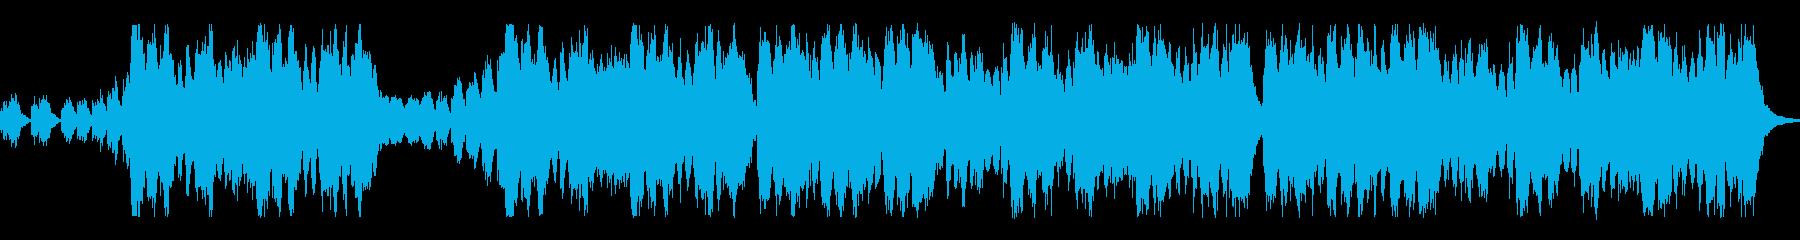 メンデルスゾーンの結婚行進曲の再生済みの波形